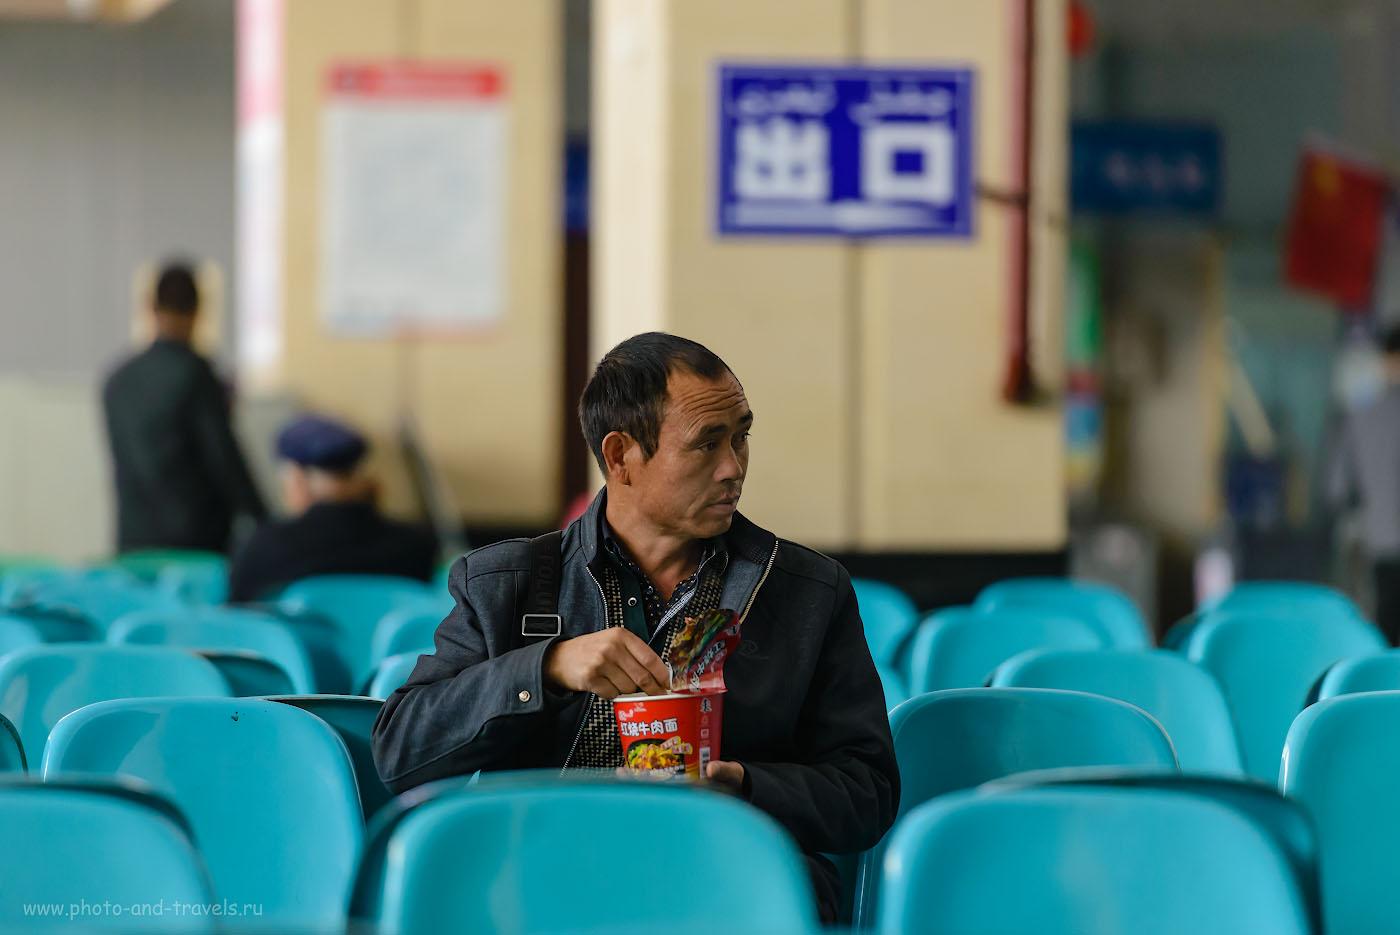 Фото 33. Приготовьтесь в поездке в Китай питаться только «Дошираком». Камера Nikon D610, объектив Nikon 70-200mm f/2.8G. Настройки: 1/400, 2.8, 3200, 200.